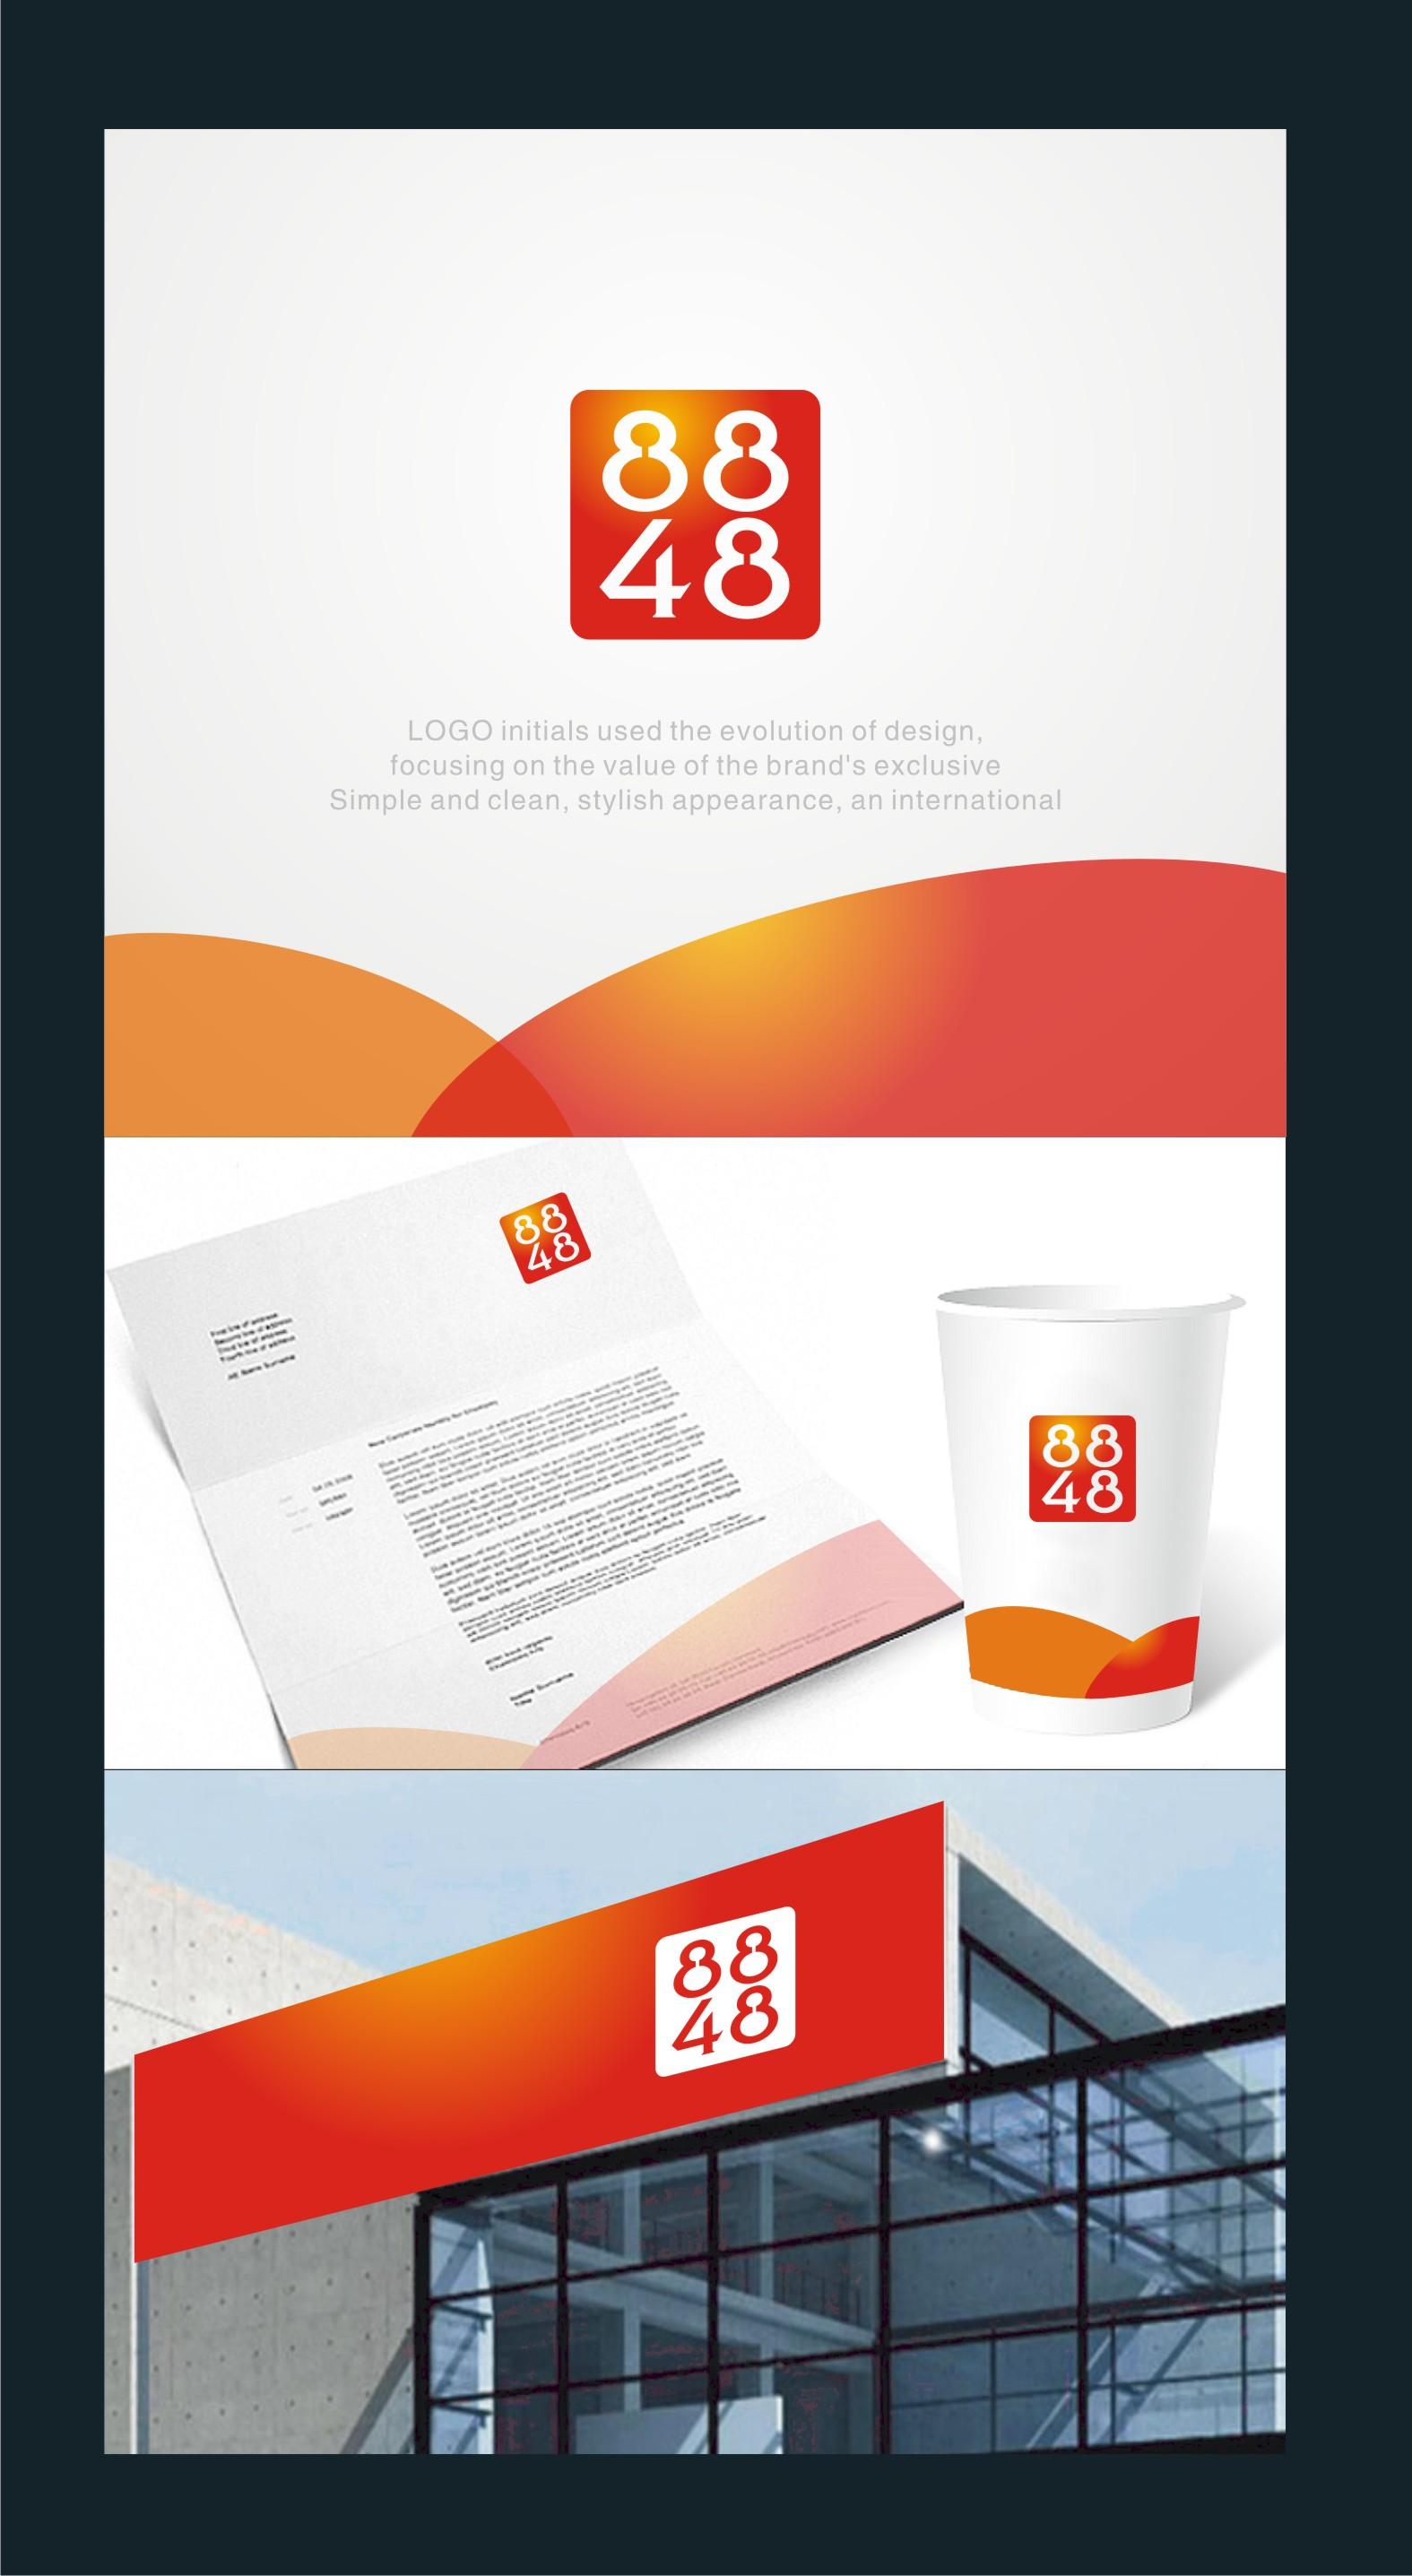 电商网站logo设计(内容有补充)_2964437_k68威客网